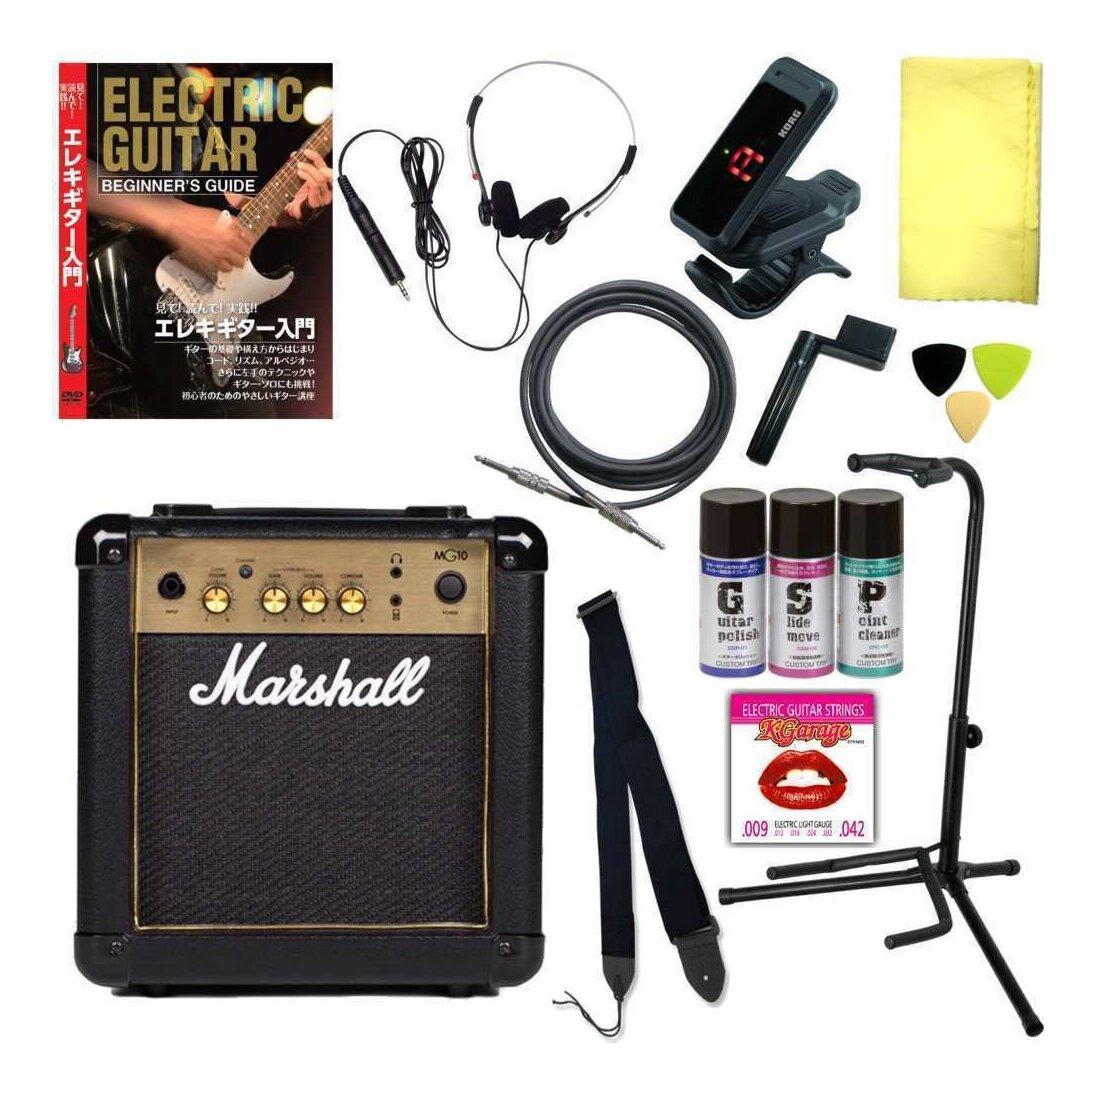 エレキギター用アクセサリー完璧14点セット Marshallアンプ 別倉庫からの配送 smtb-TK 送料無料 新品